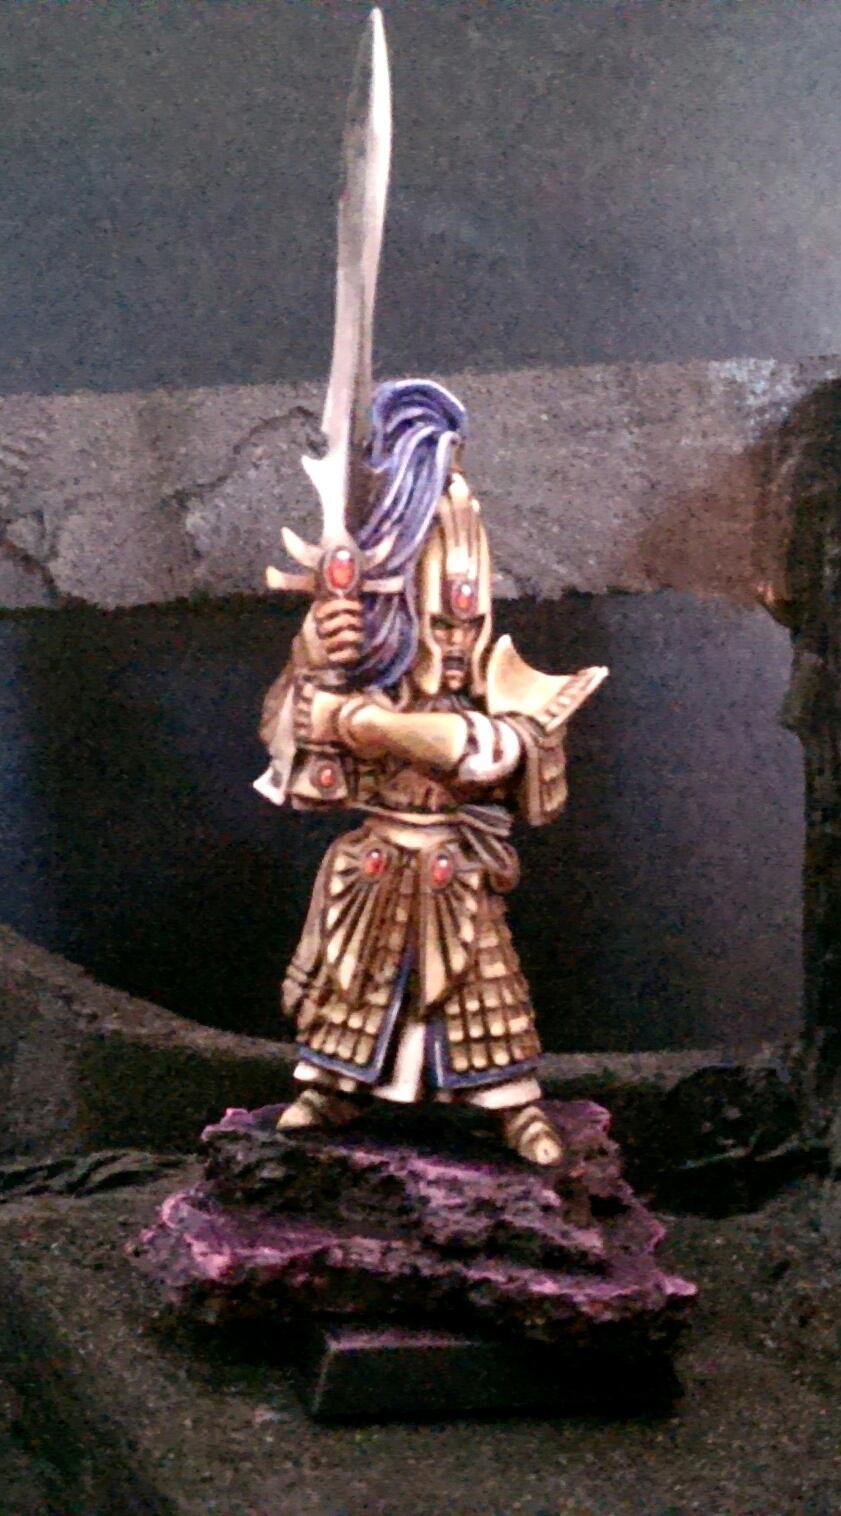 Blight, Chaos, Conversion, Dark, Eldar, Elve, Ever, Hordes, Khorne, Legion, Lord, Nurgle, Slaanesh, Space, Space Marines, Tzeench, Warhammer 40,000, Warhammer Fantasy